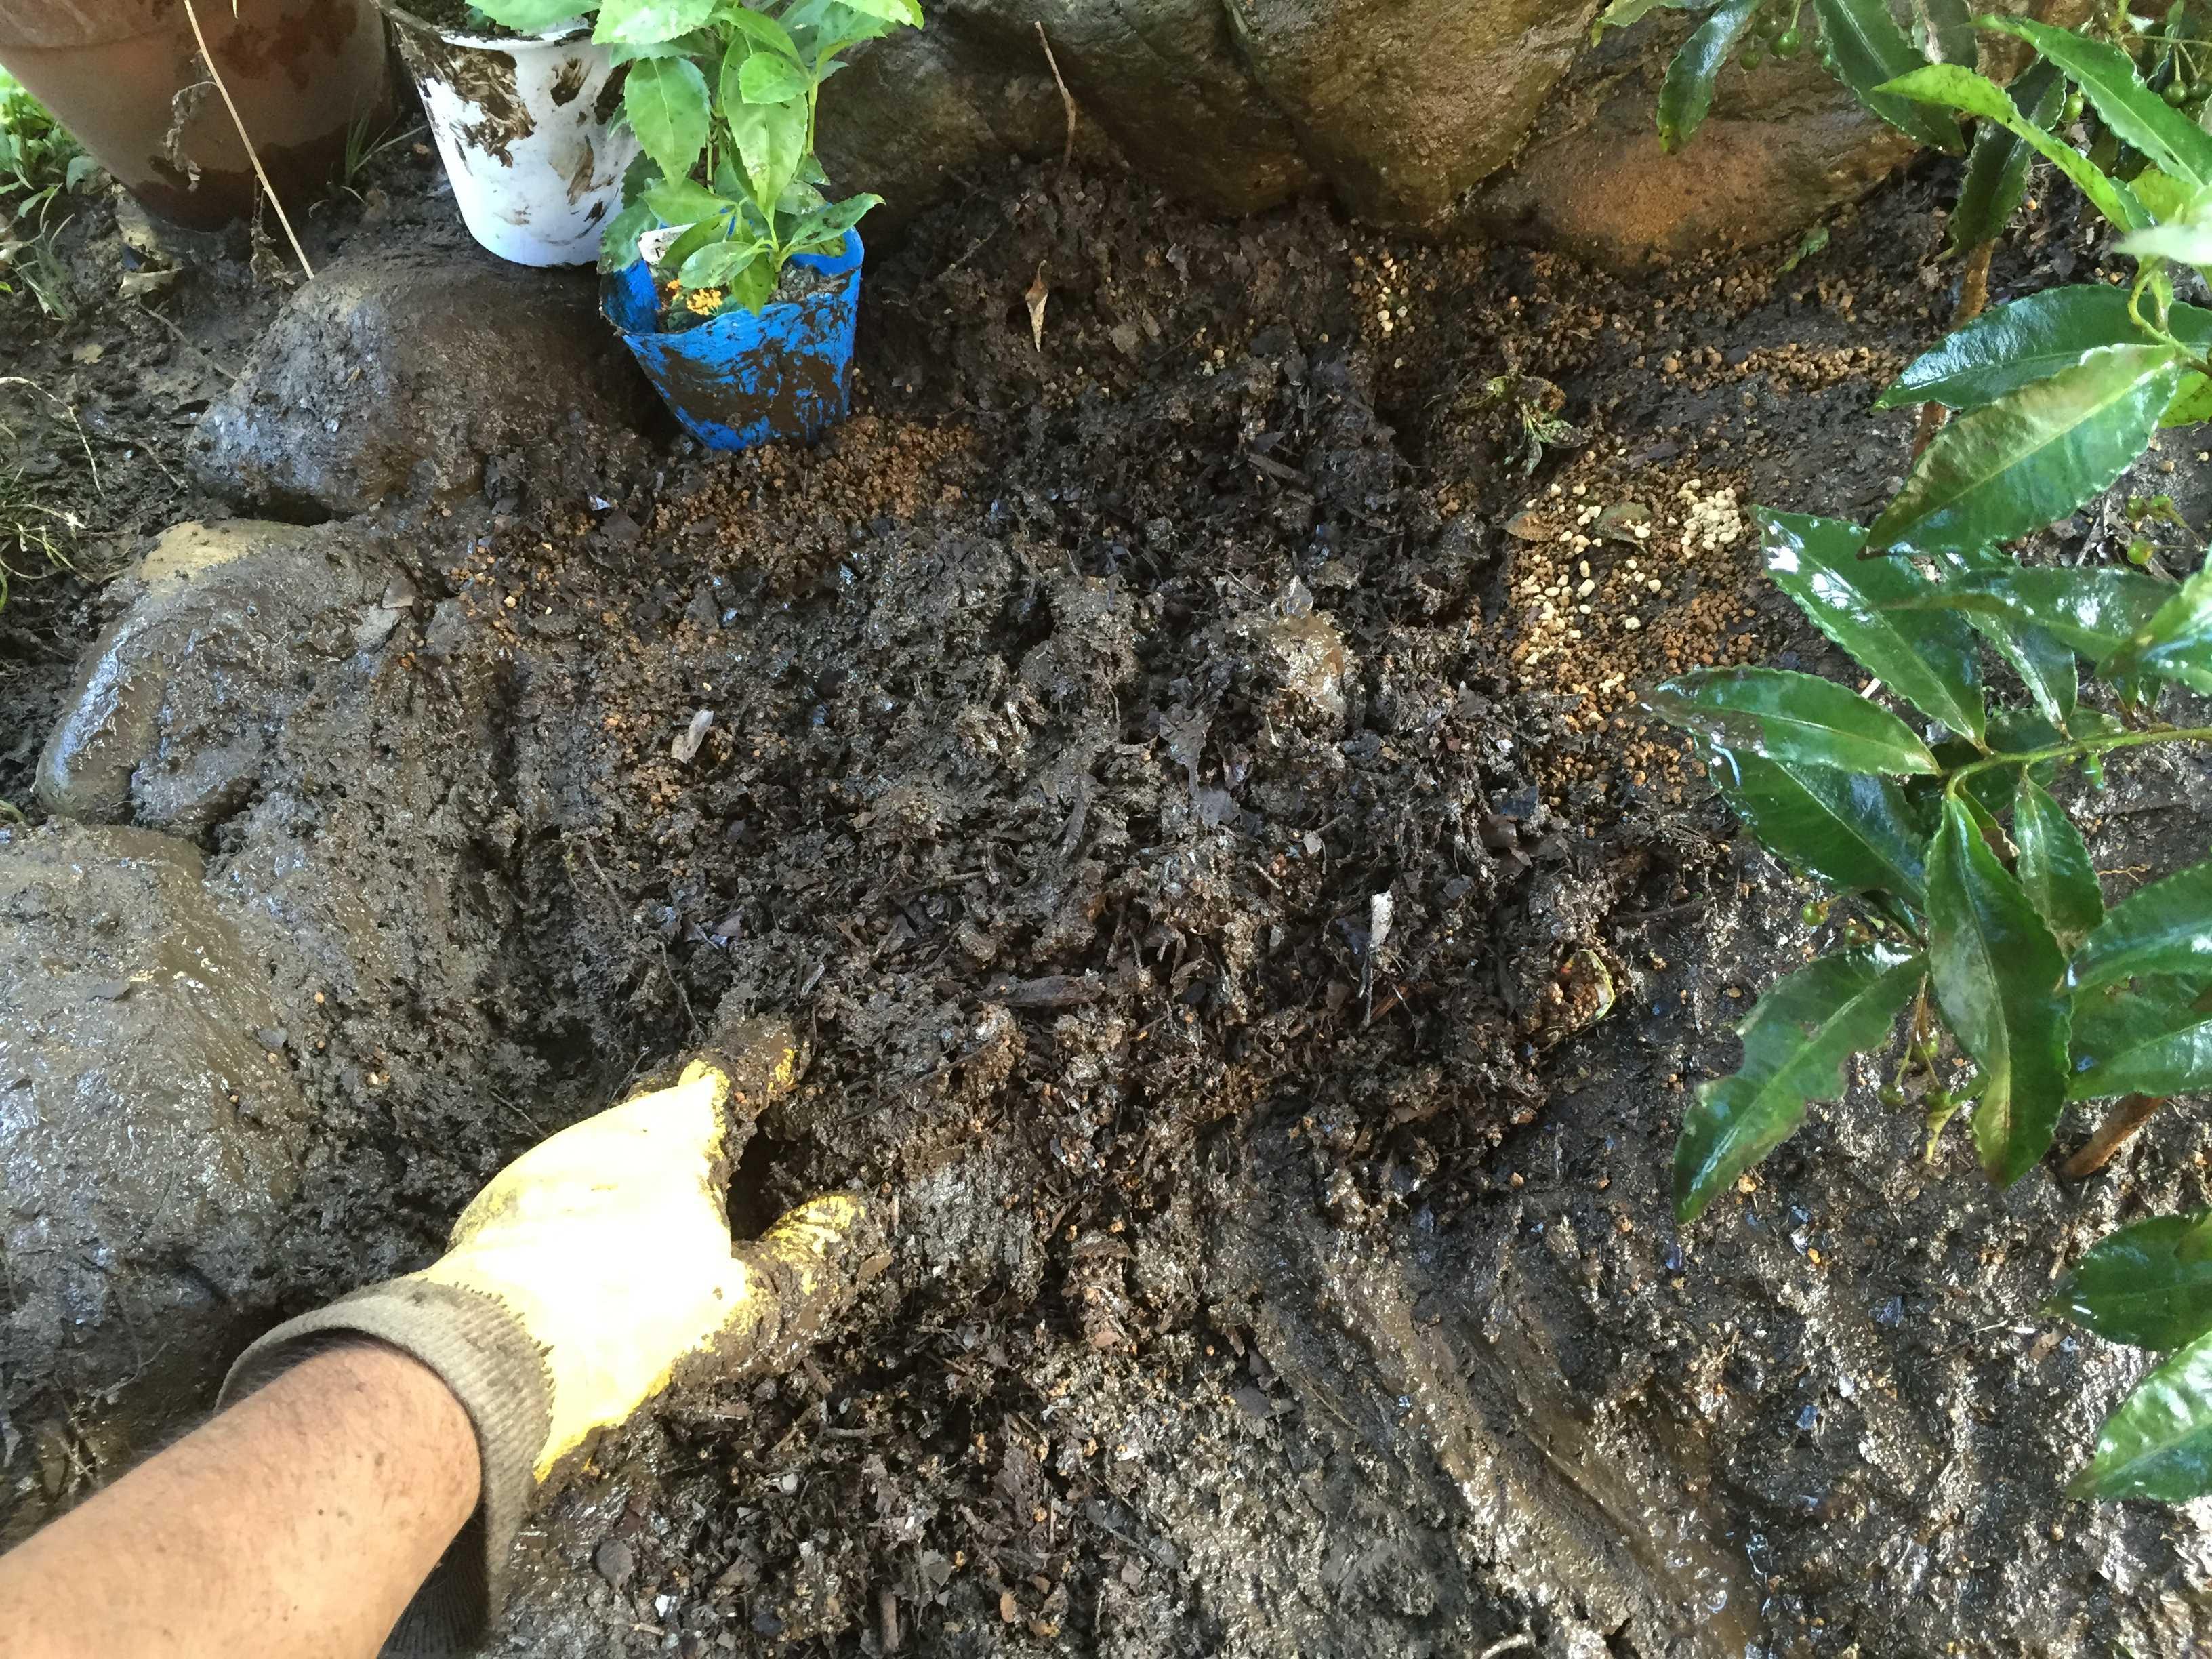 黄実の千両(キミノセンリョウ) の植え付け - 掘った土と赤玉土(小粒)と腐葉土のブレンド土